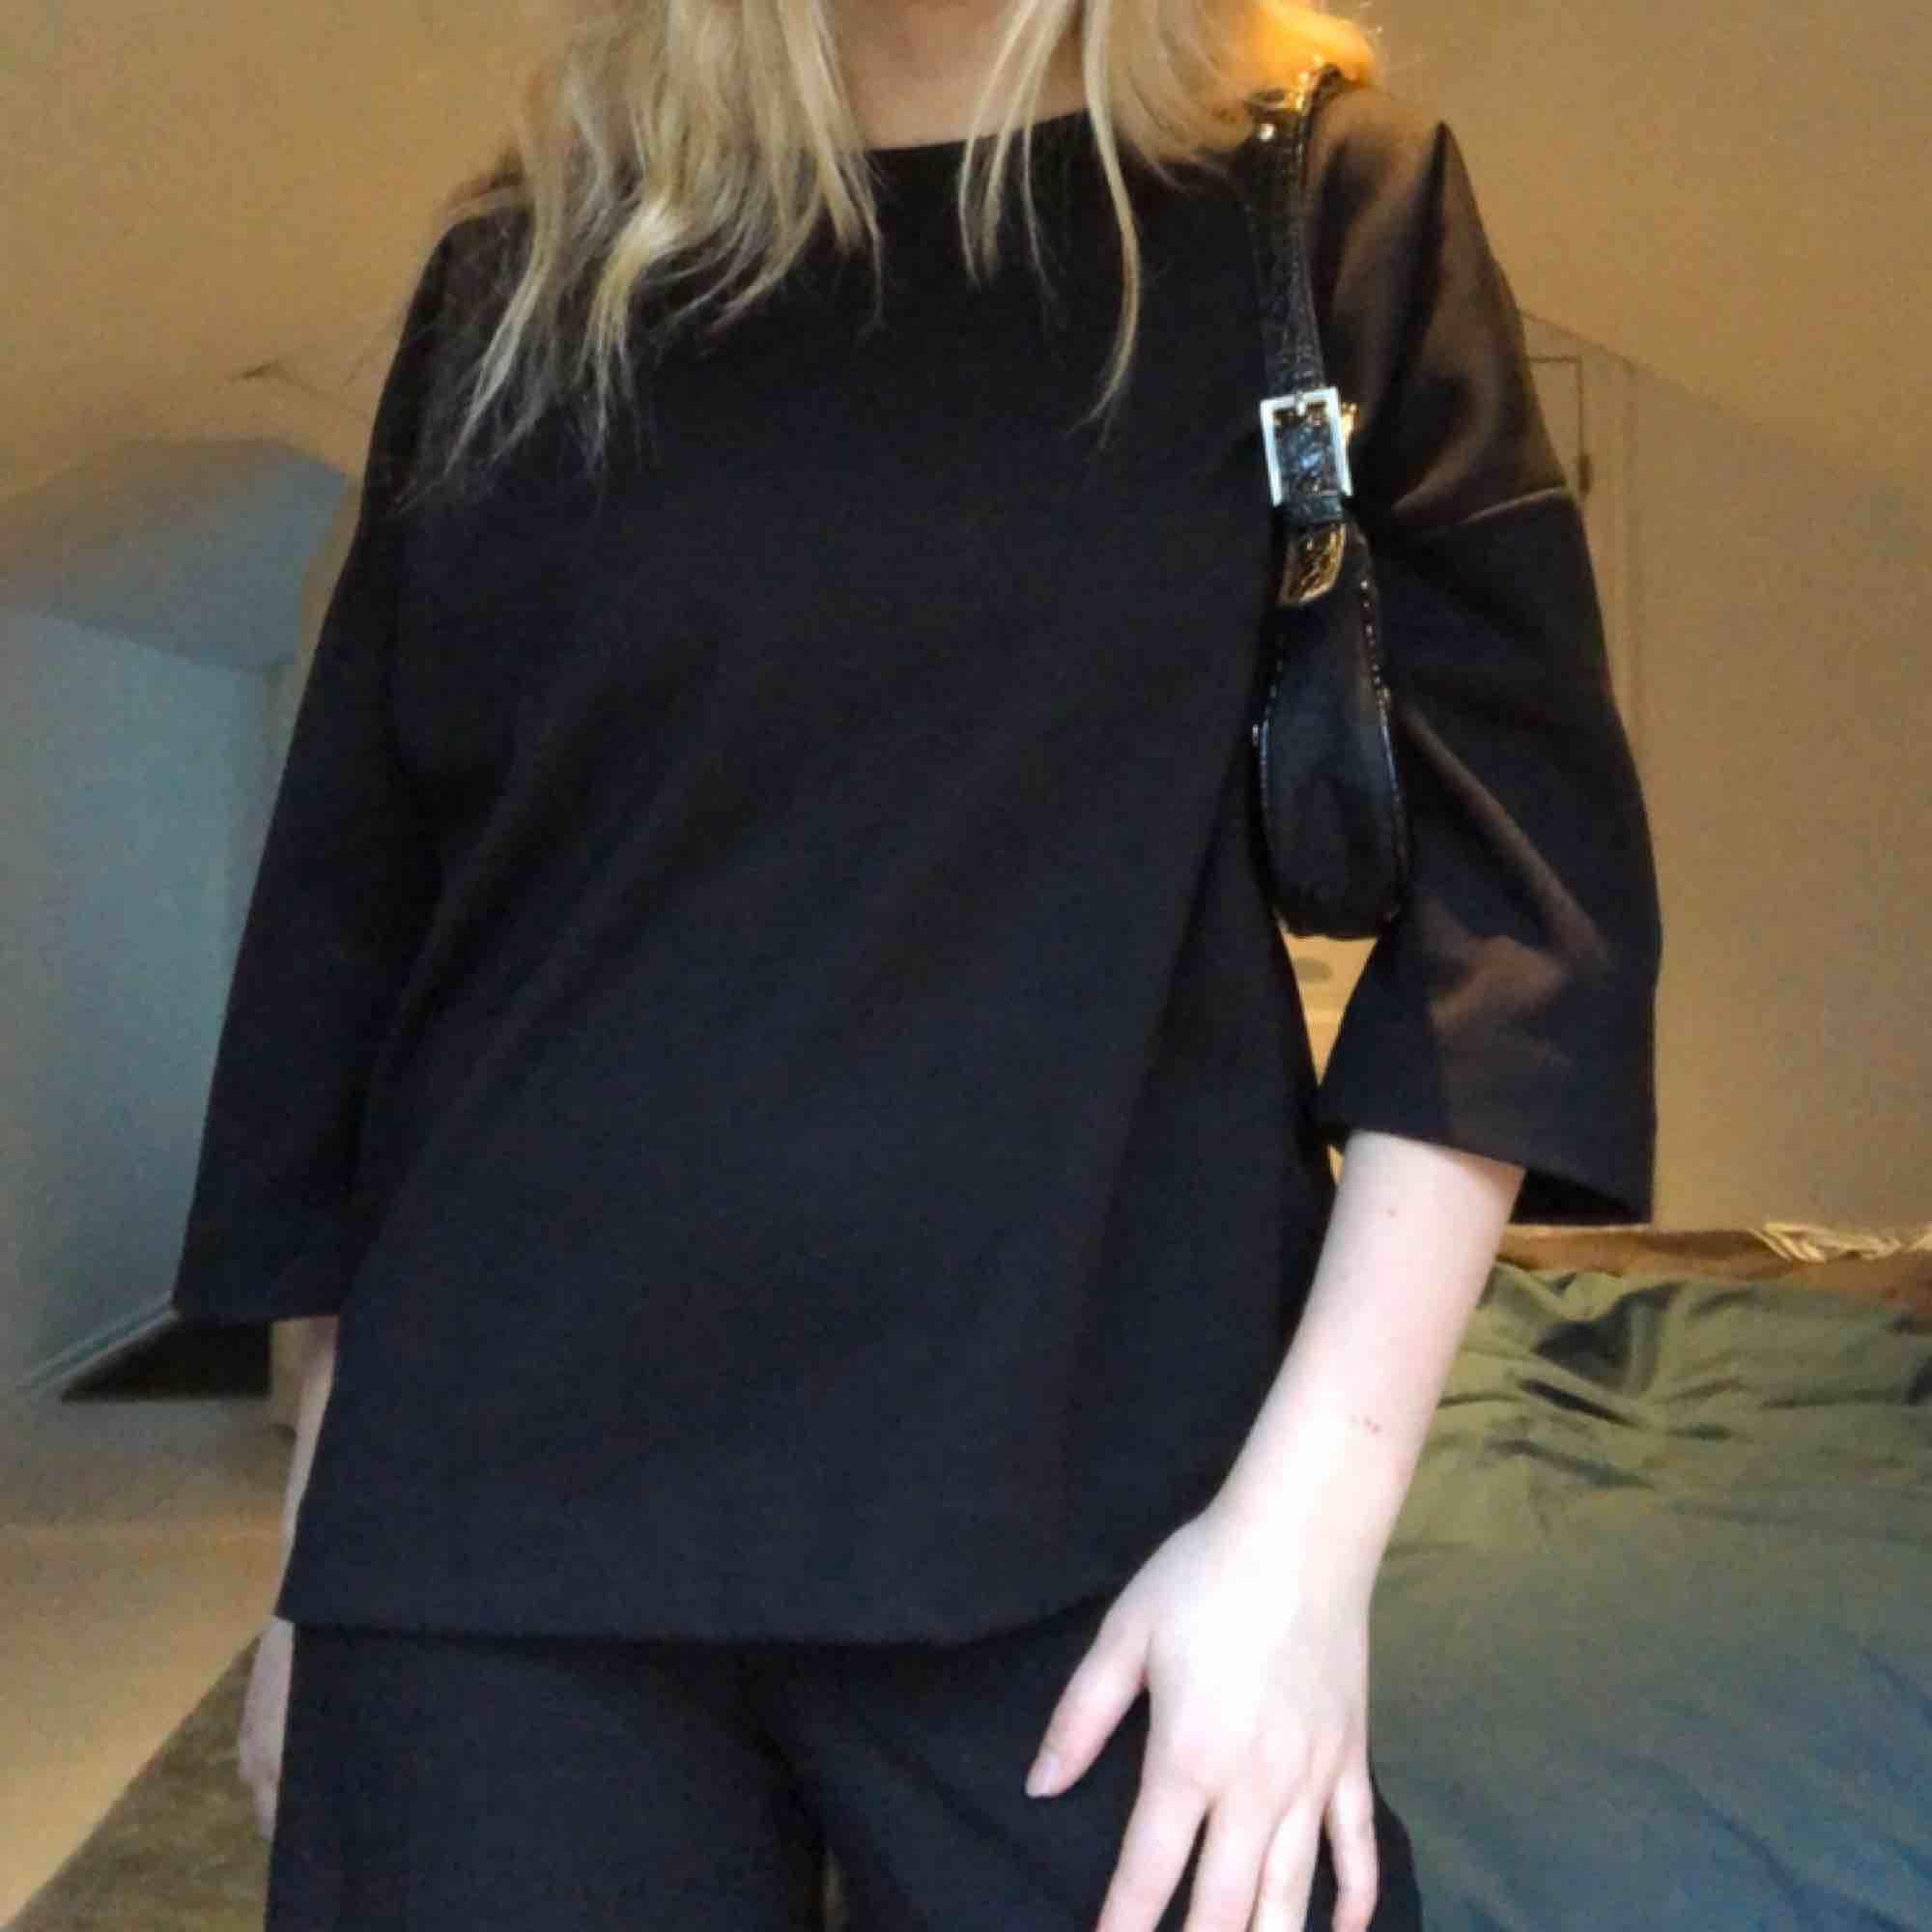 Ocersized T-shirt i tjockt material med bra kvalité! Kommer från Carin Wester och är helt oanvänd. Tröjor & Koftor.